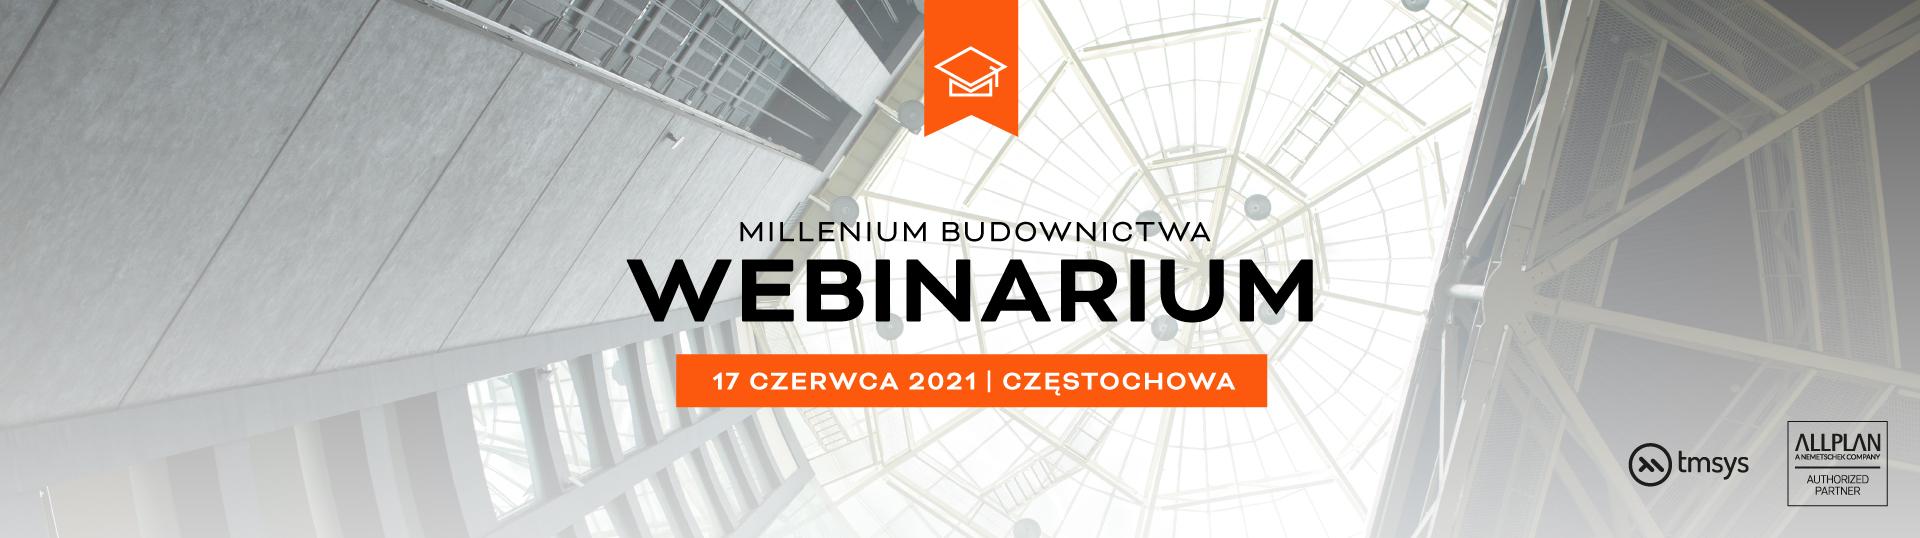 Webinarium Śląskie Architektura i Budownictwo: Modelowanie Parasolid – nietypowe kształty ze zbrojeniem